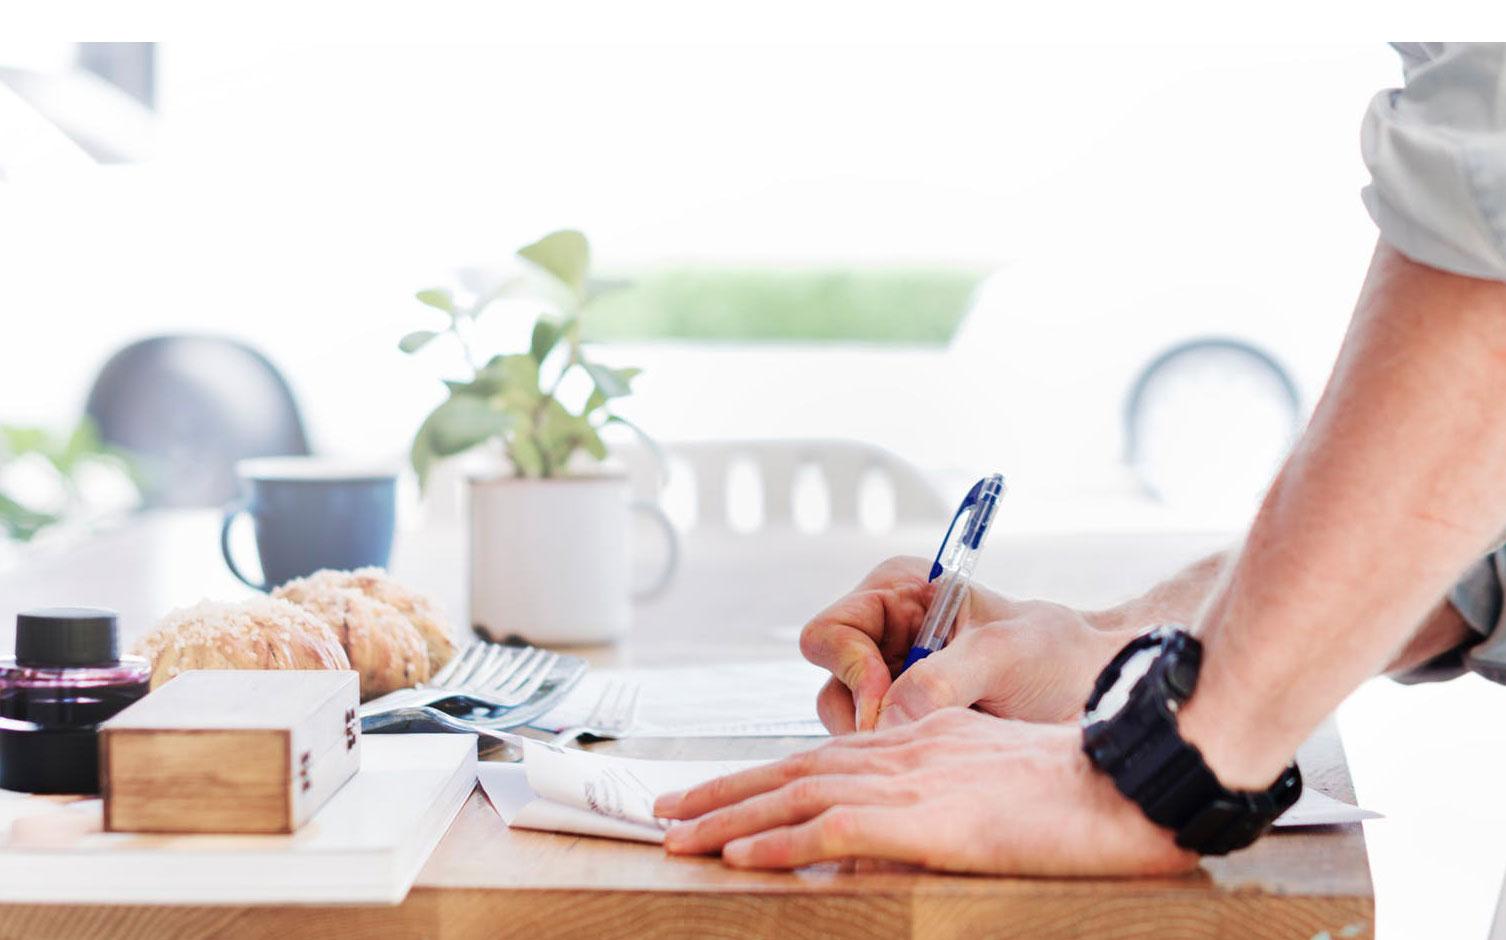 Quy trình quản lý công việc từ xa hiệu quả